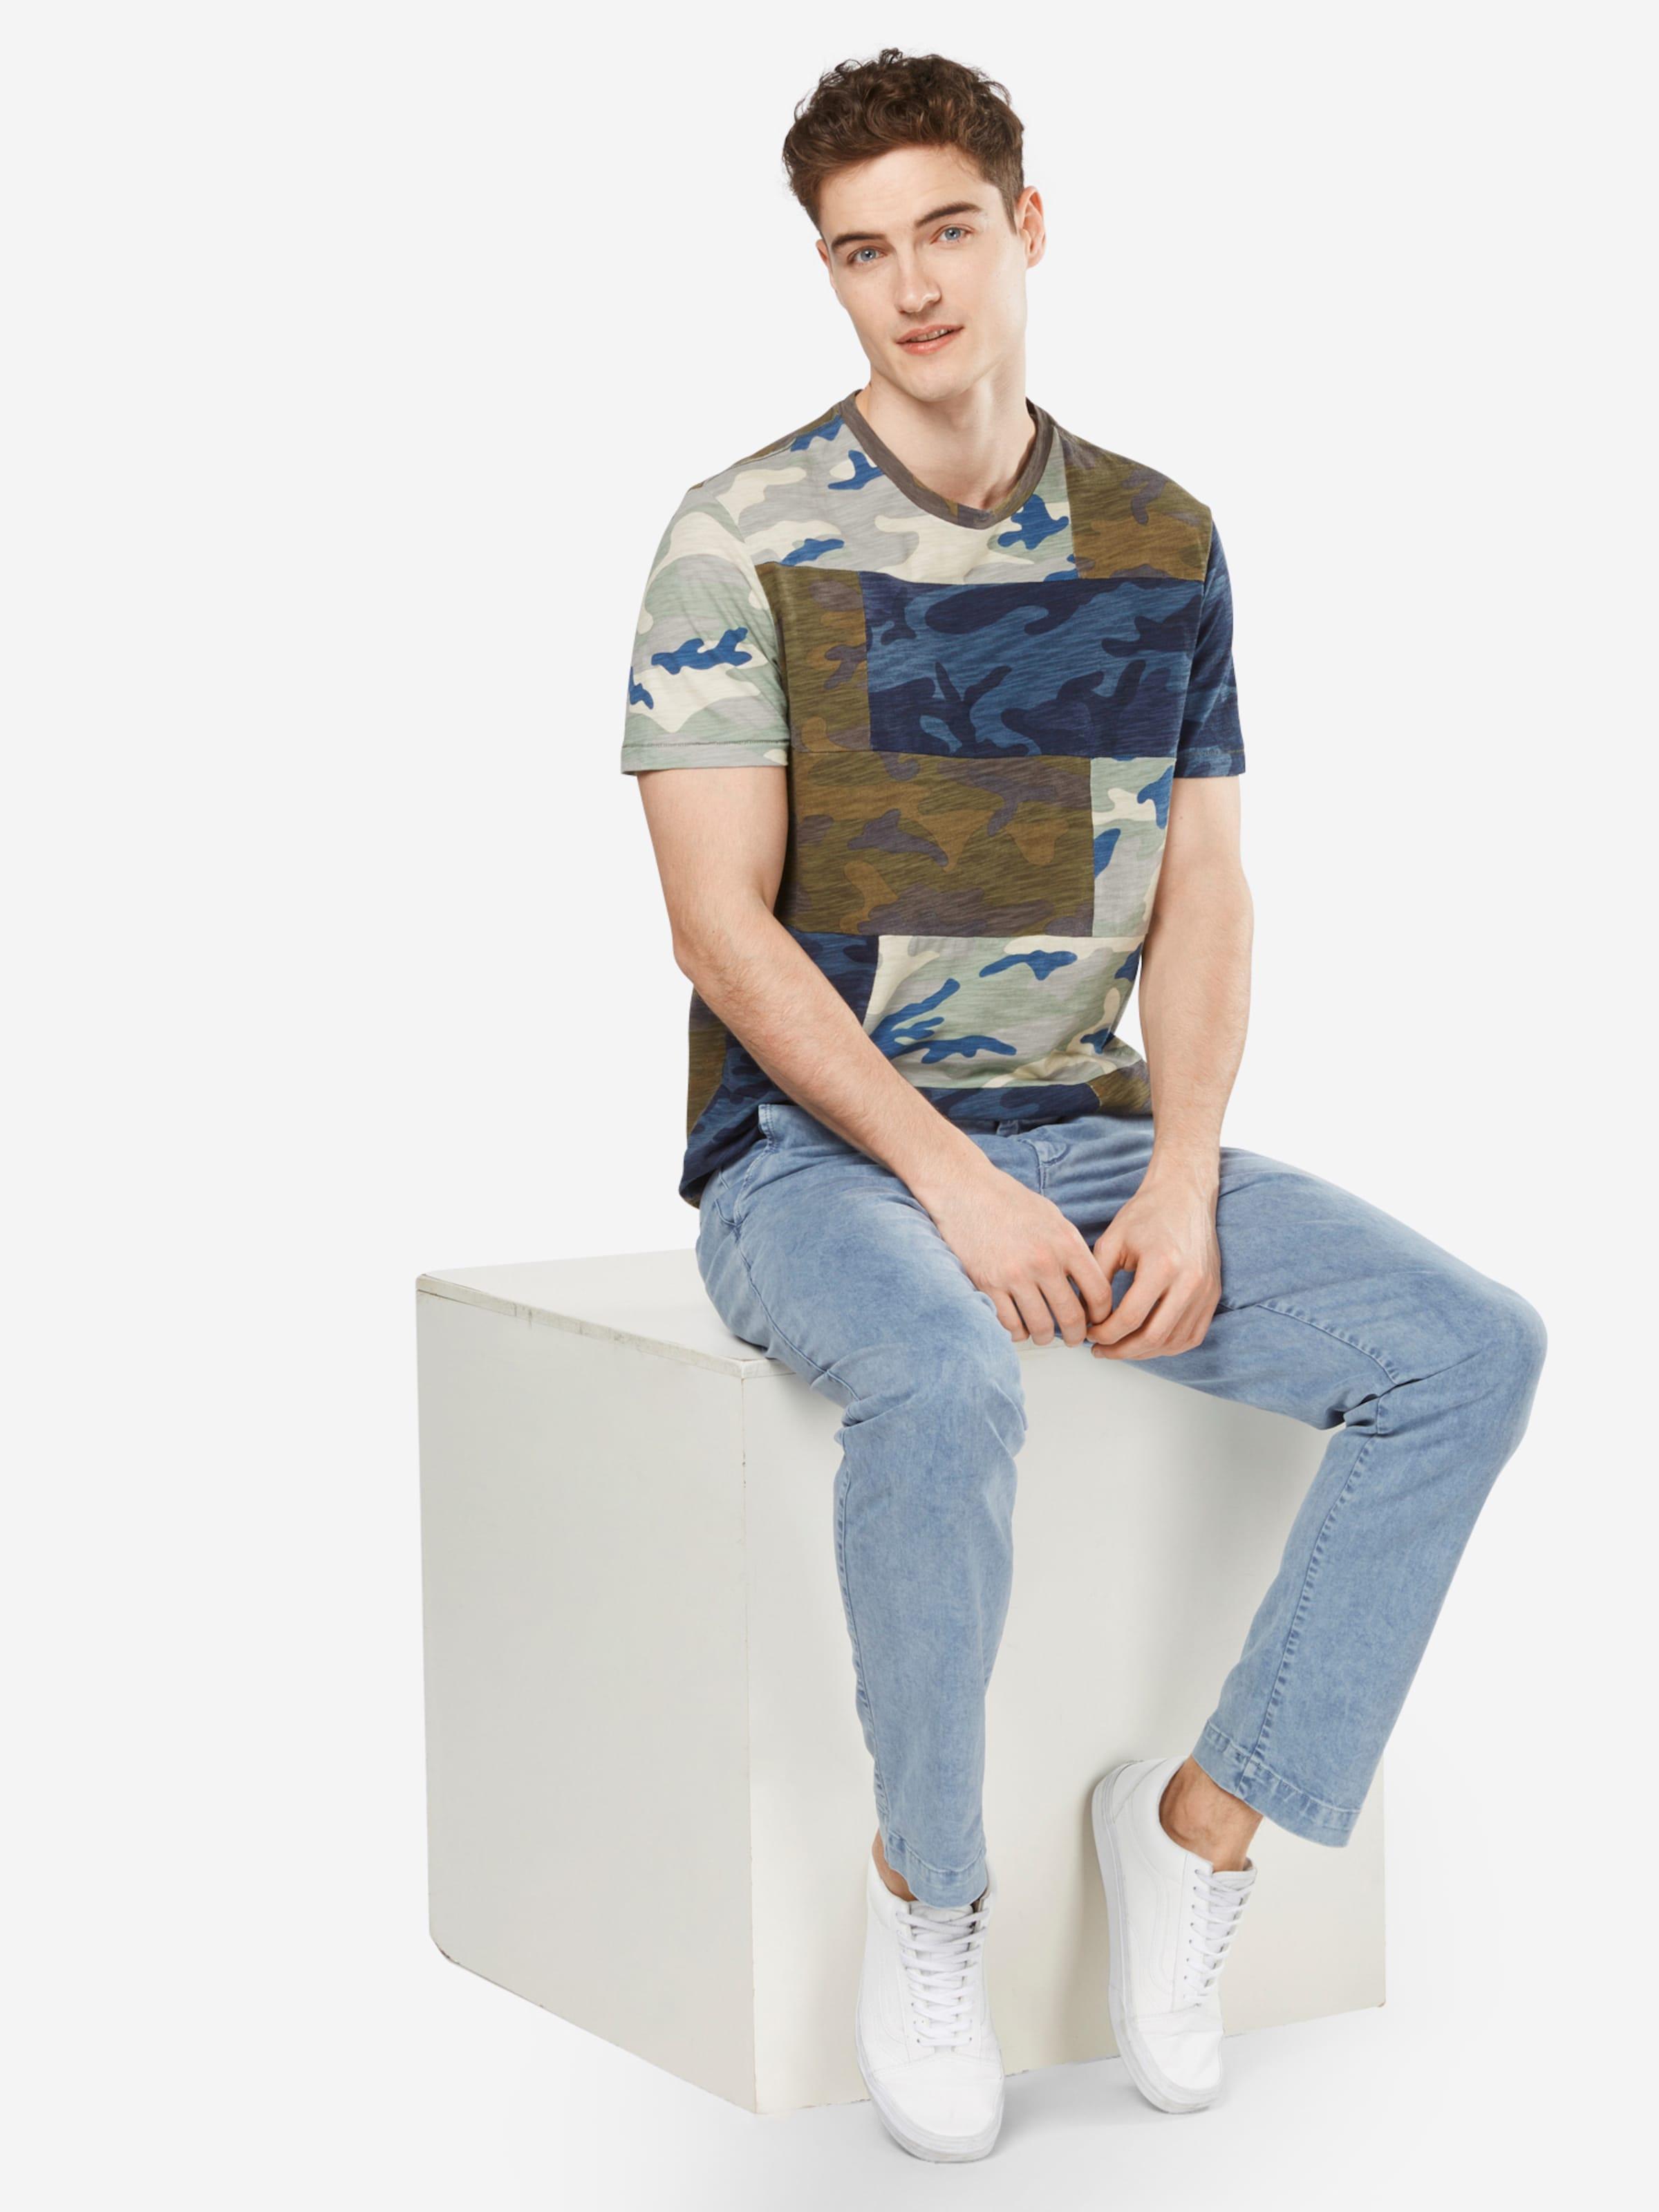 Verkauf Bestseller Werksverkauf GAP T-Shirt Spielraum Neueste Billig Verkauf Eastbay iOAISTUz